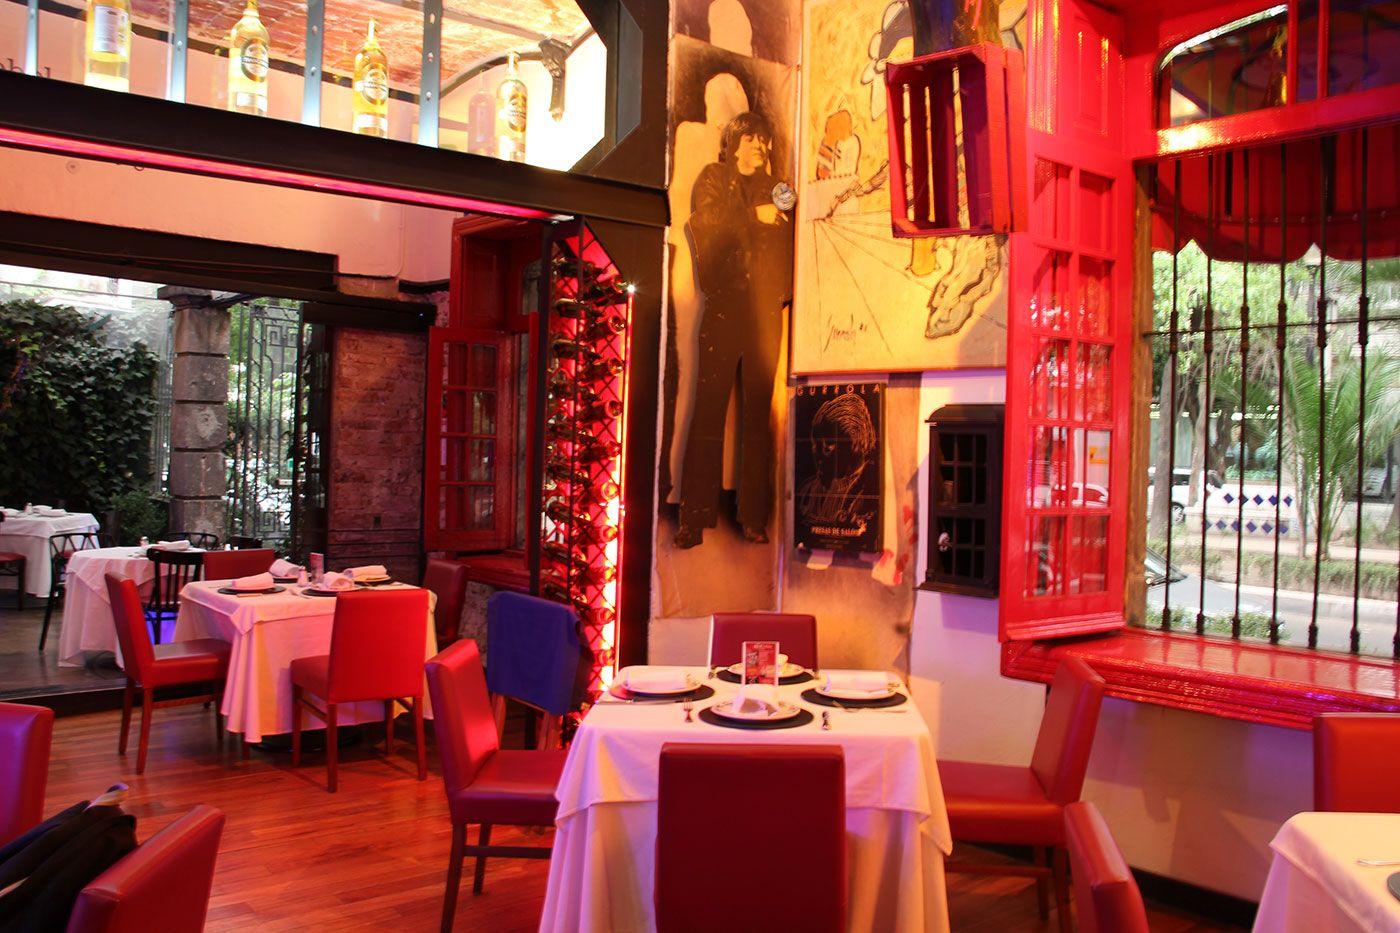 La bodega restaurante mexicano popocatépetl esq